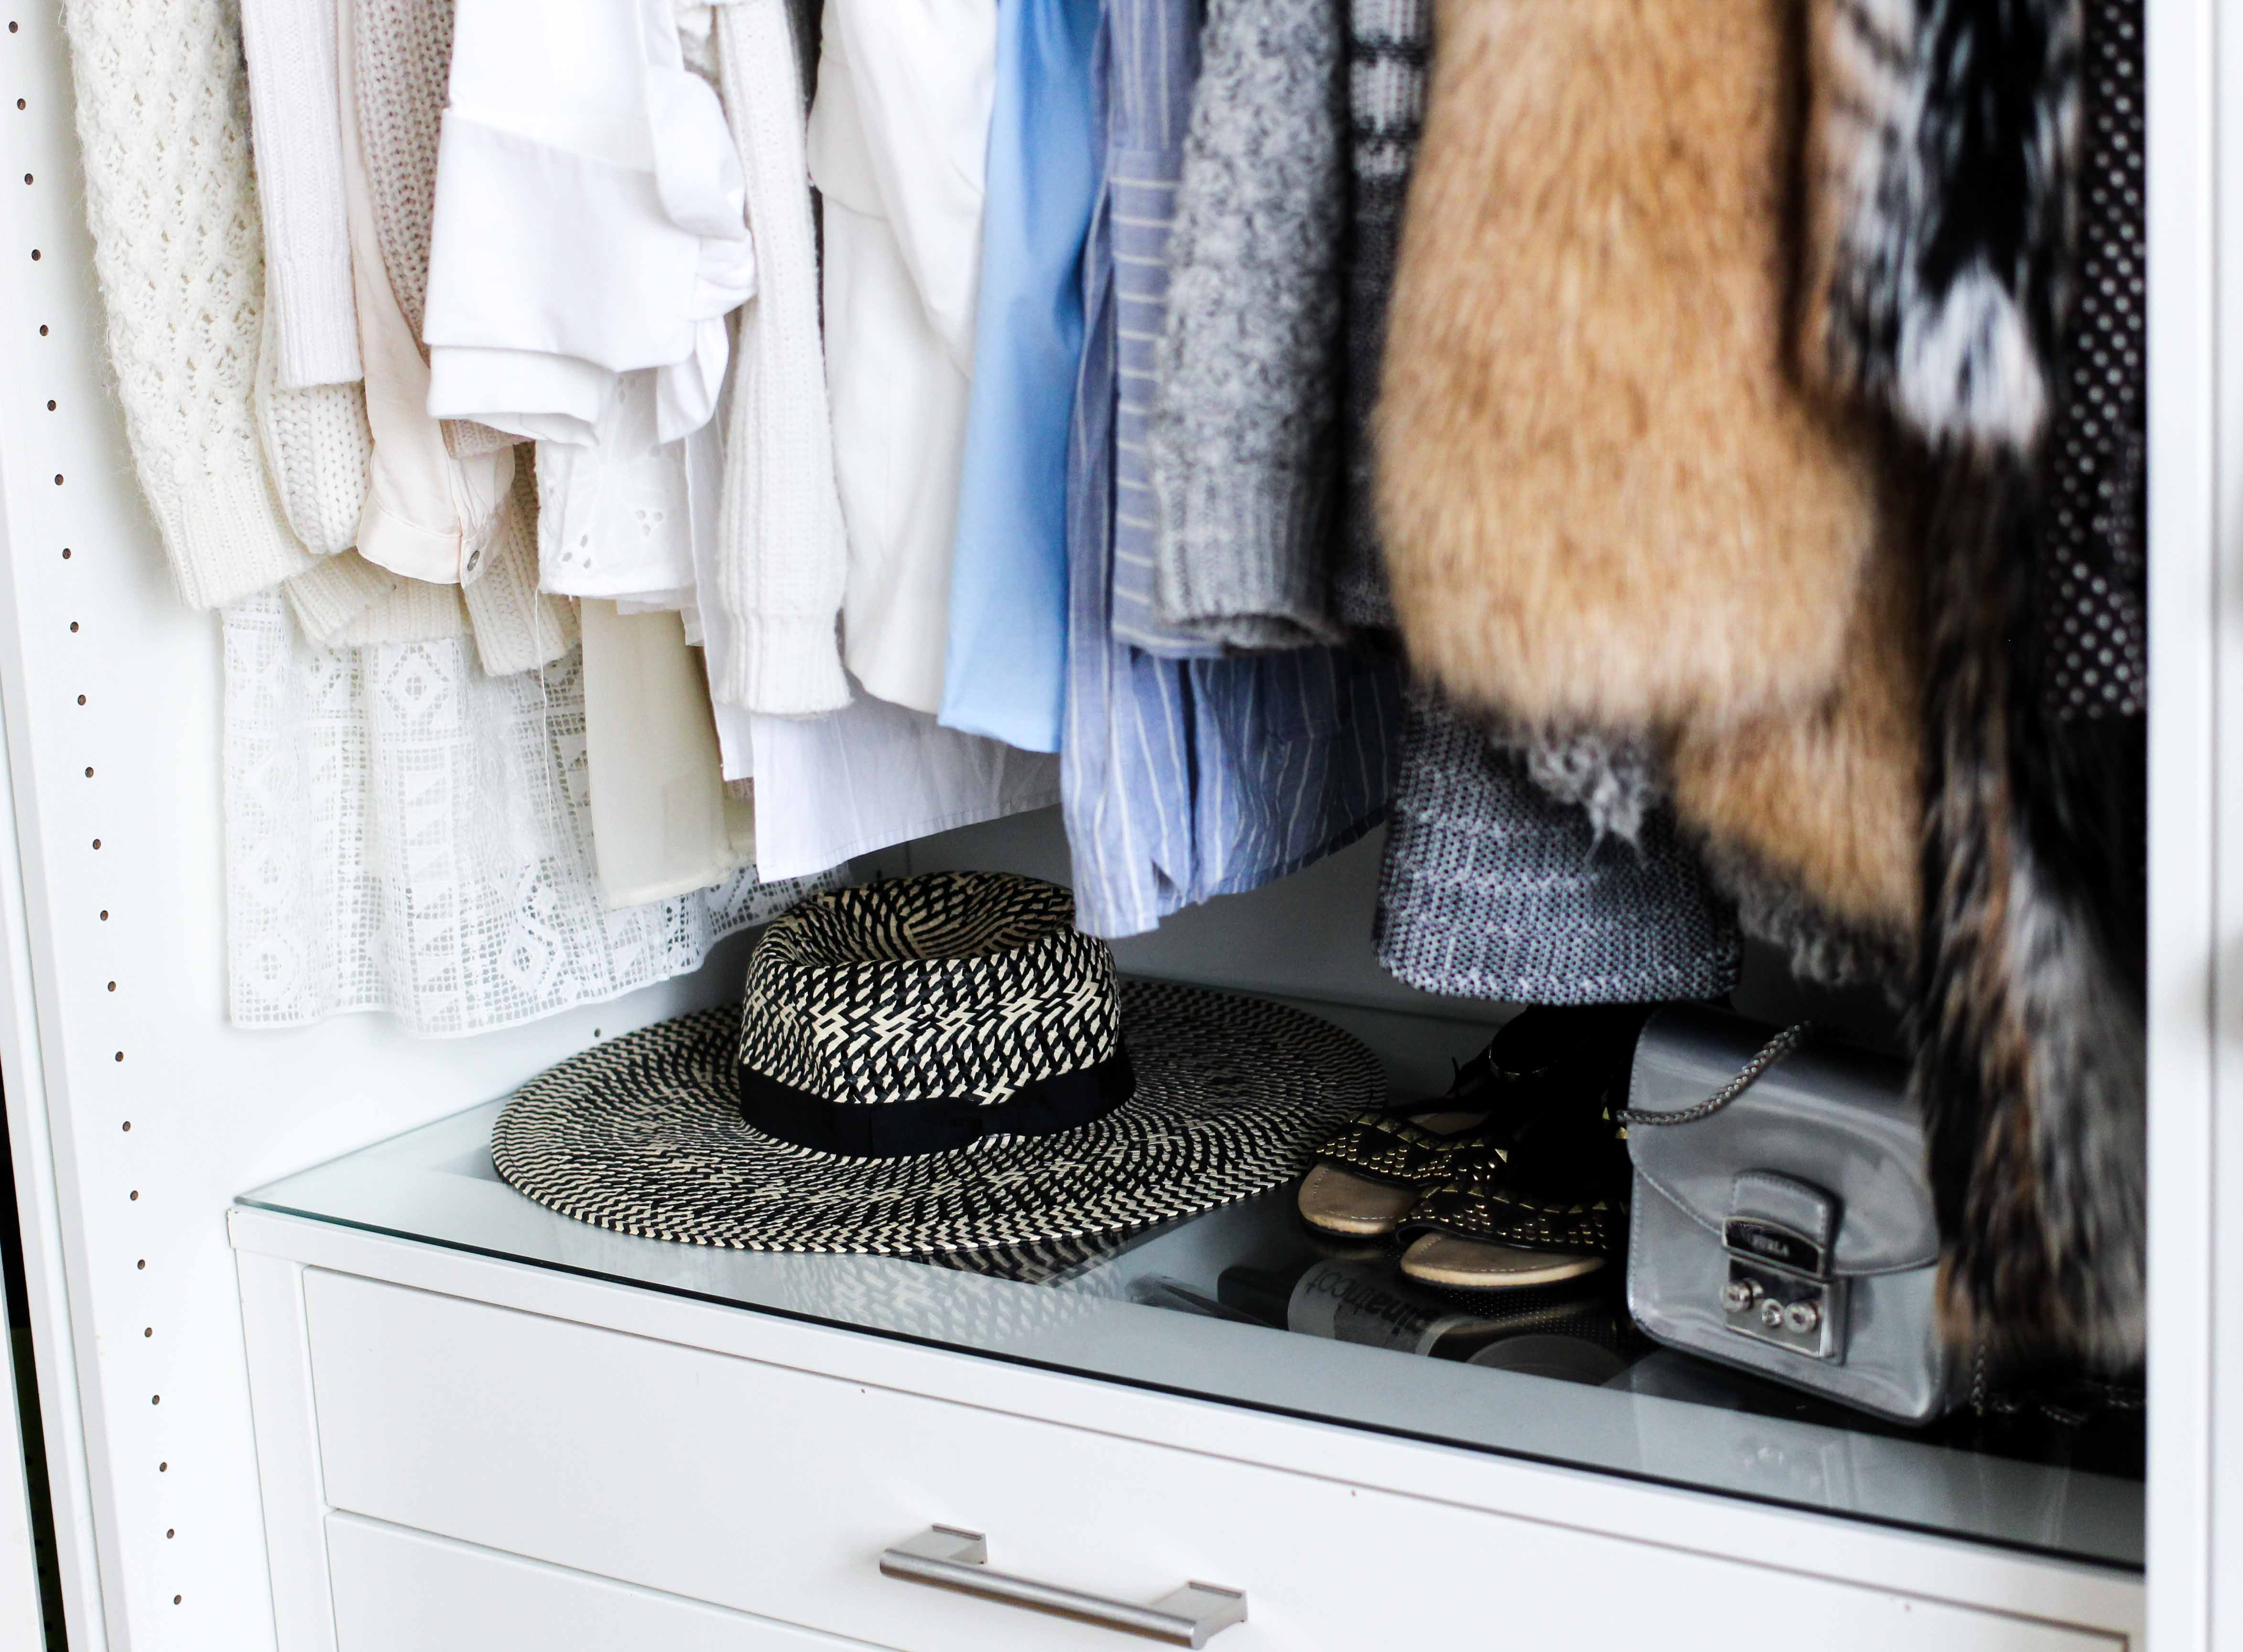 Mein Ankleidezimmer PAX Schrank Ikea #zeigdeinenPAX Ankleideschrank Komode Blogger